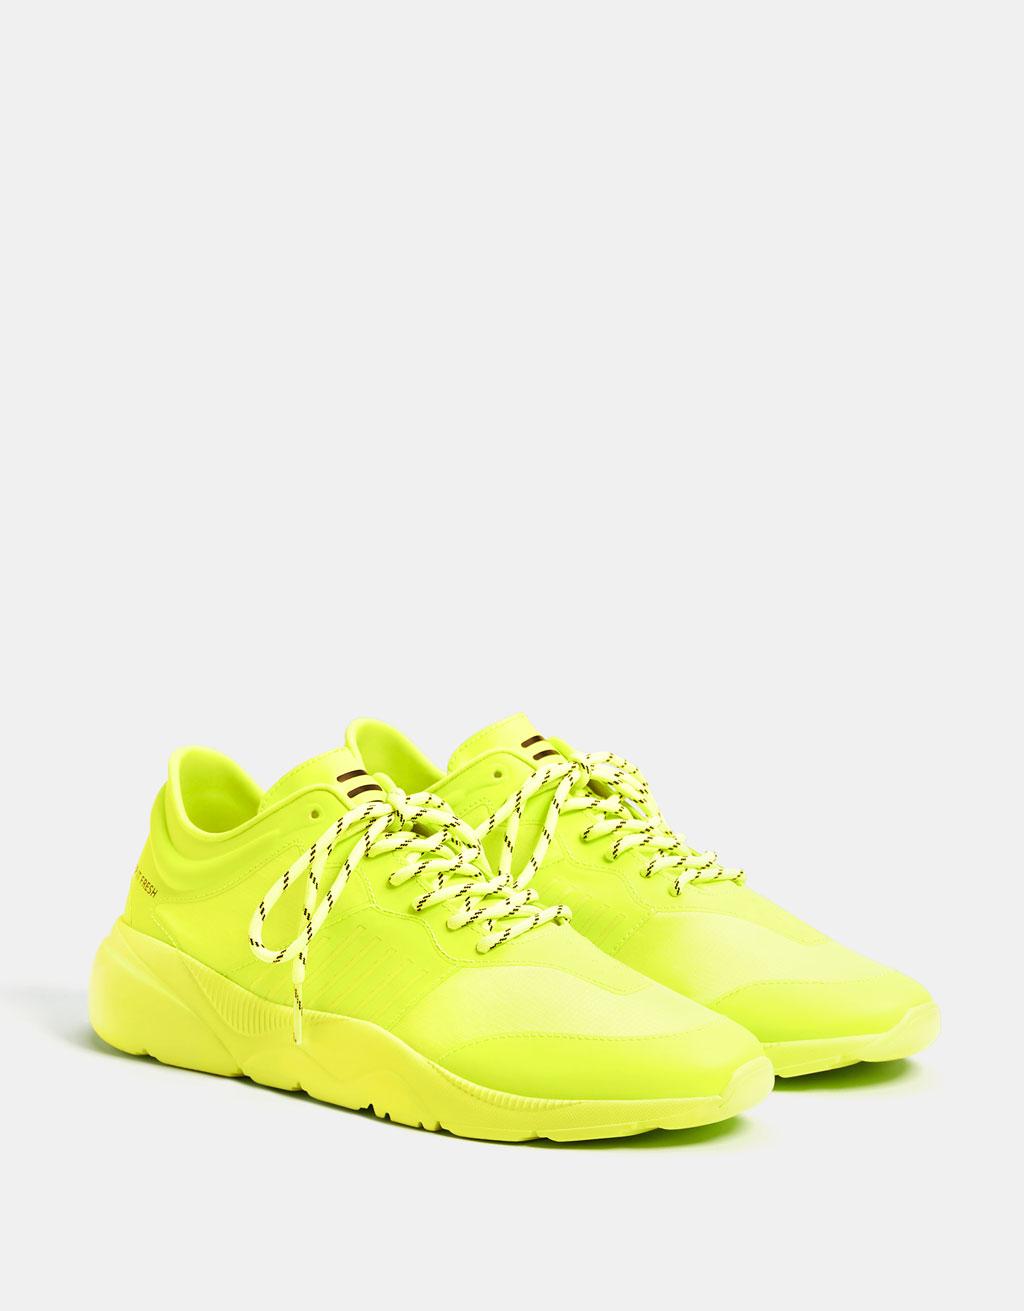 Sneaker di colore giallo fosforescente. Combinazione di materiali tecnici. Suola tecnica gialla.